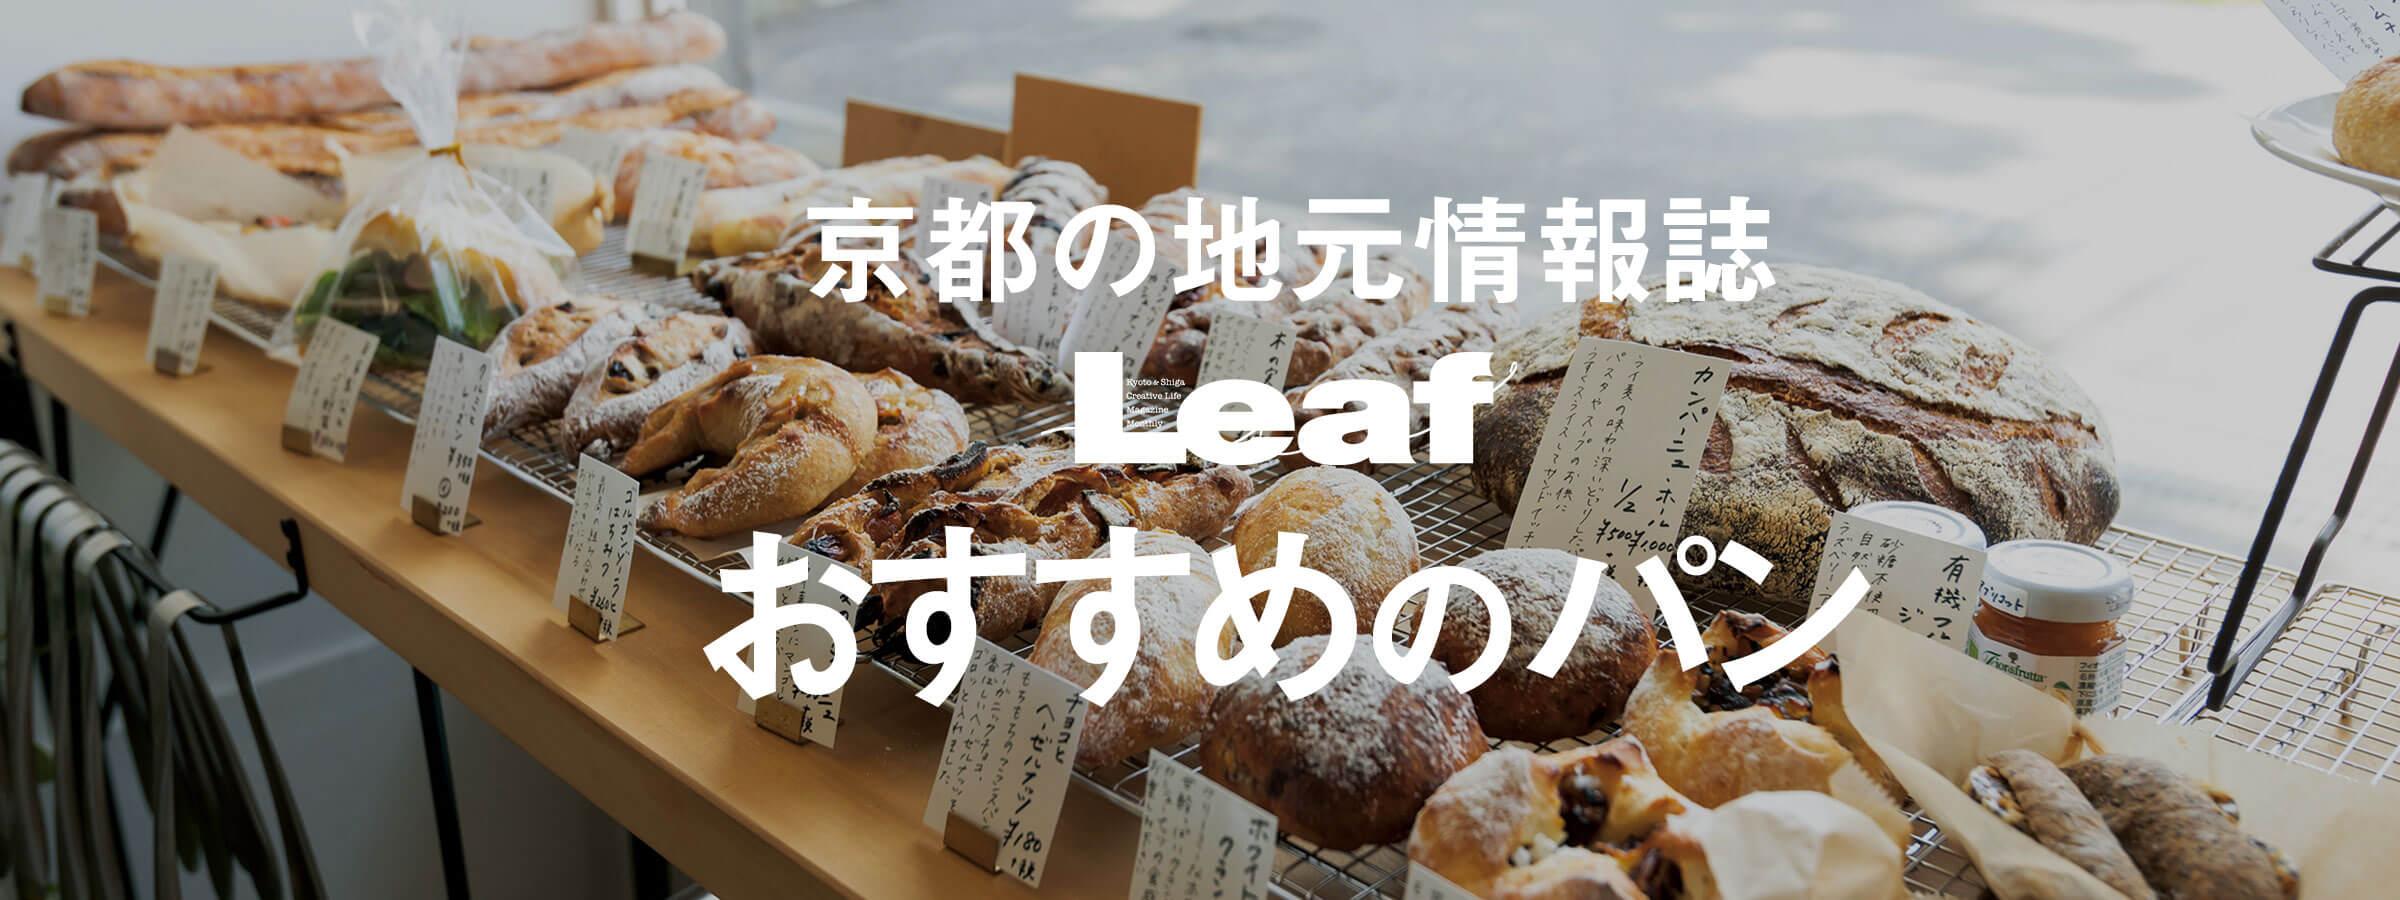 京都のパン情報! 地元情報誌おすすめ、パン好き必見情報をまとめてみました